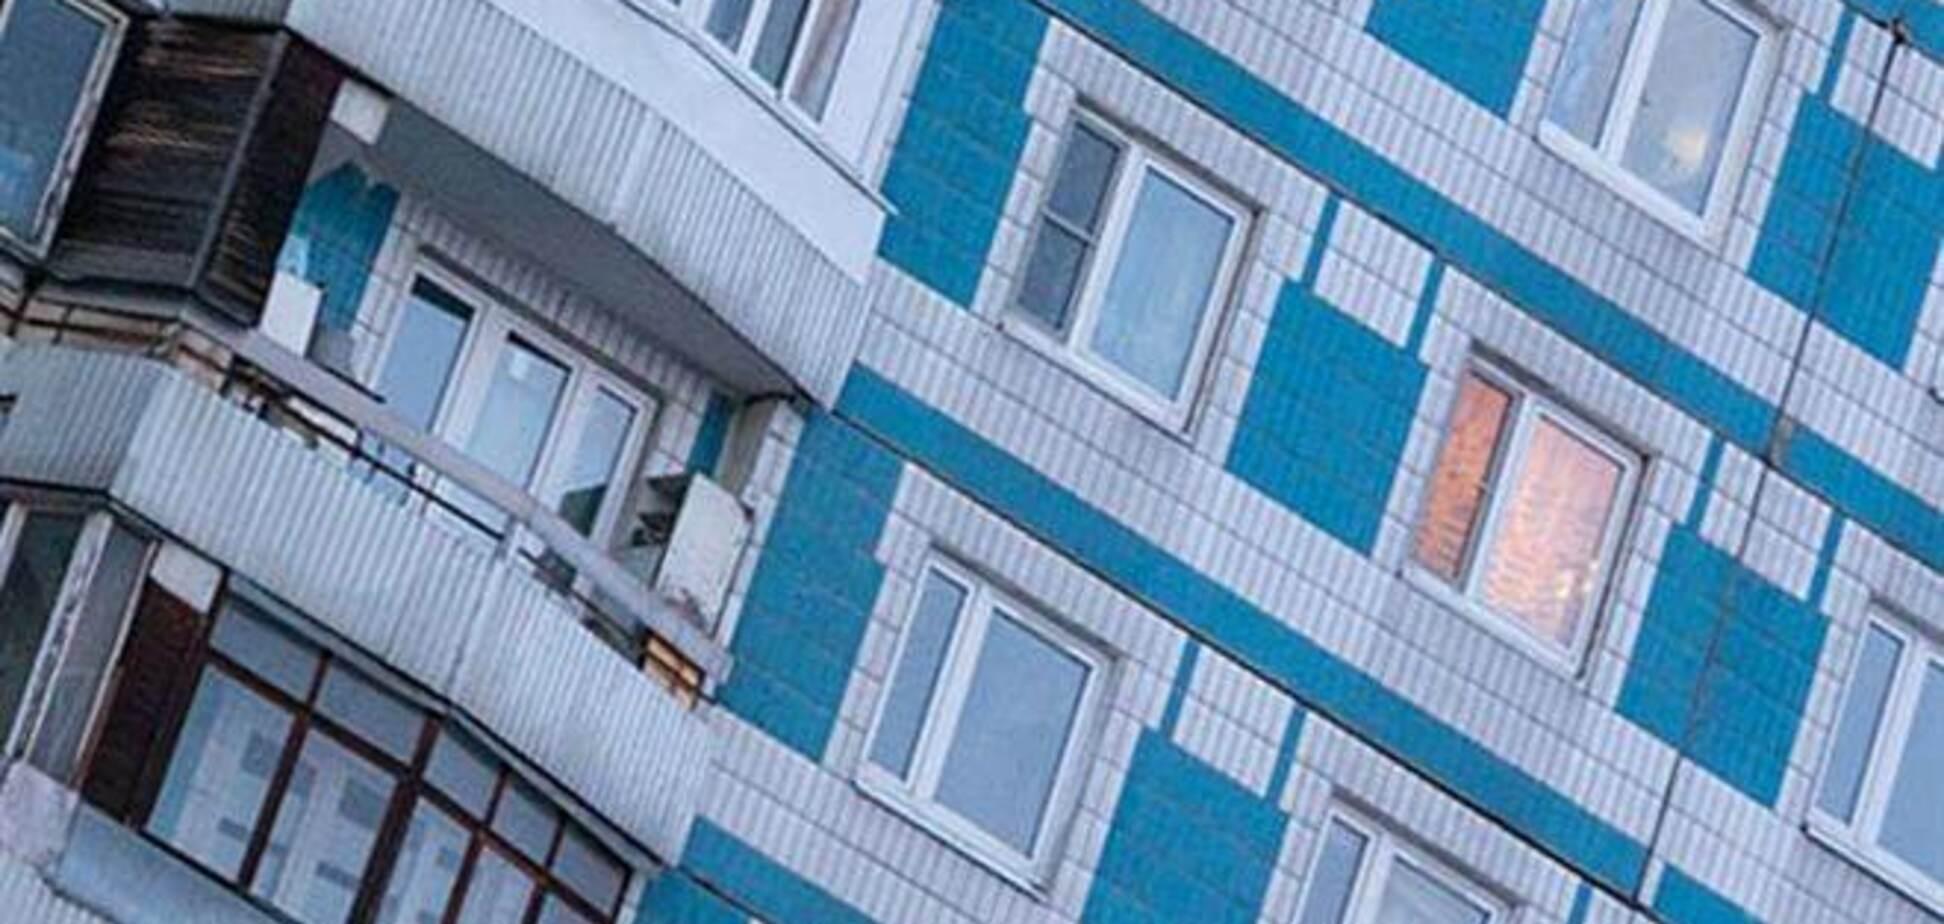 Пьяный россиянин, упав с 8-го этажа на иномарку, отряхнулся и пошел